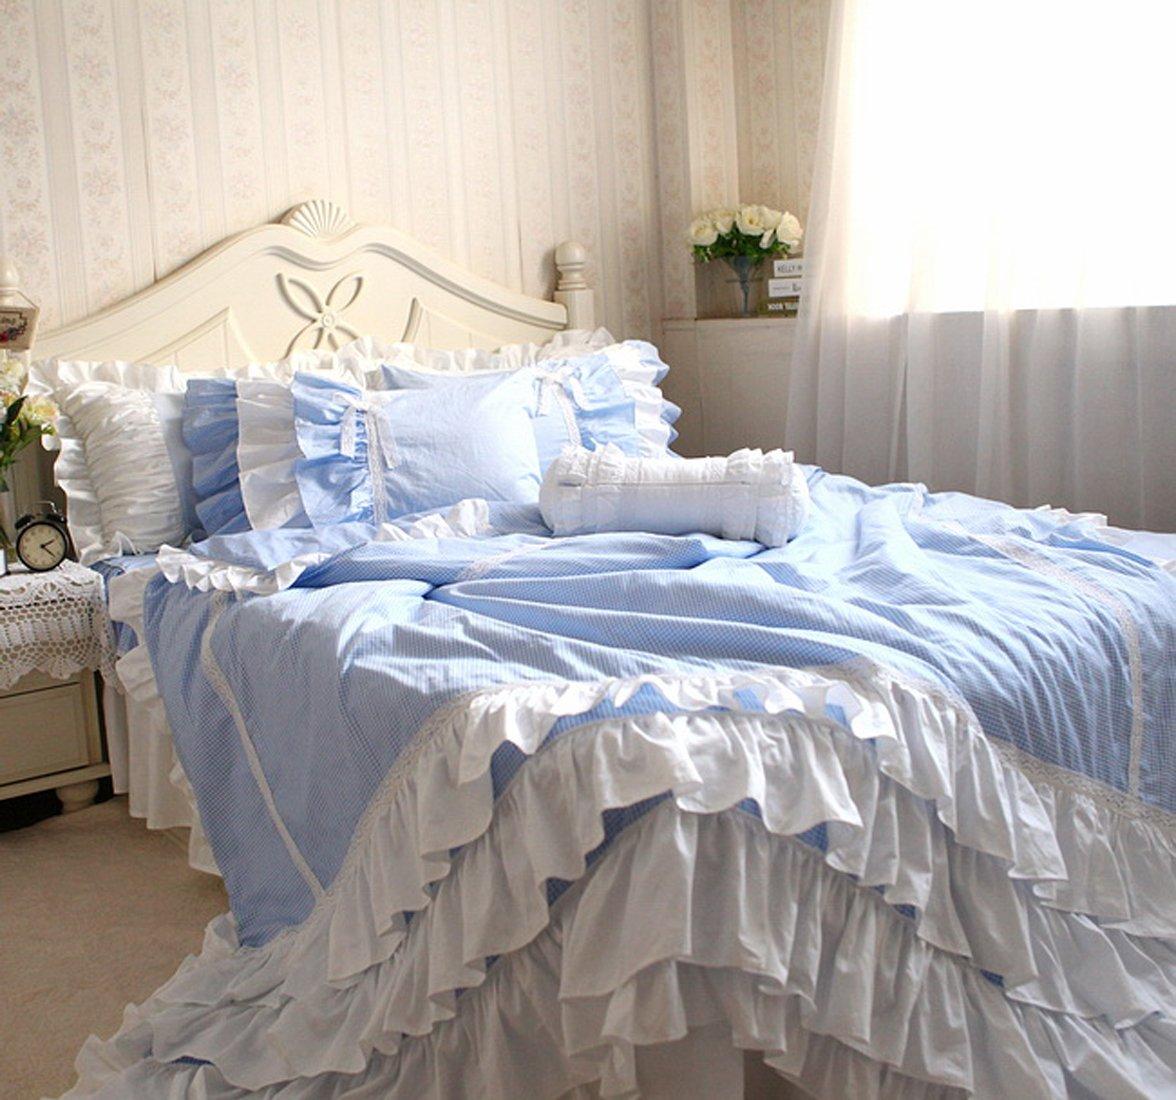 寝具カバーセット 【空のように綺麗!】綿100%多層のラッフルフリルブルー寝具カバーセット (シングル) B00L28HH0Aシングル